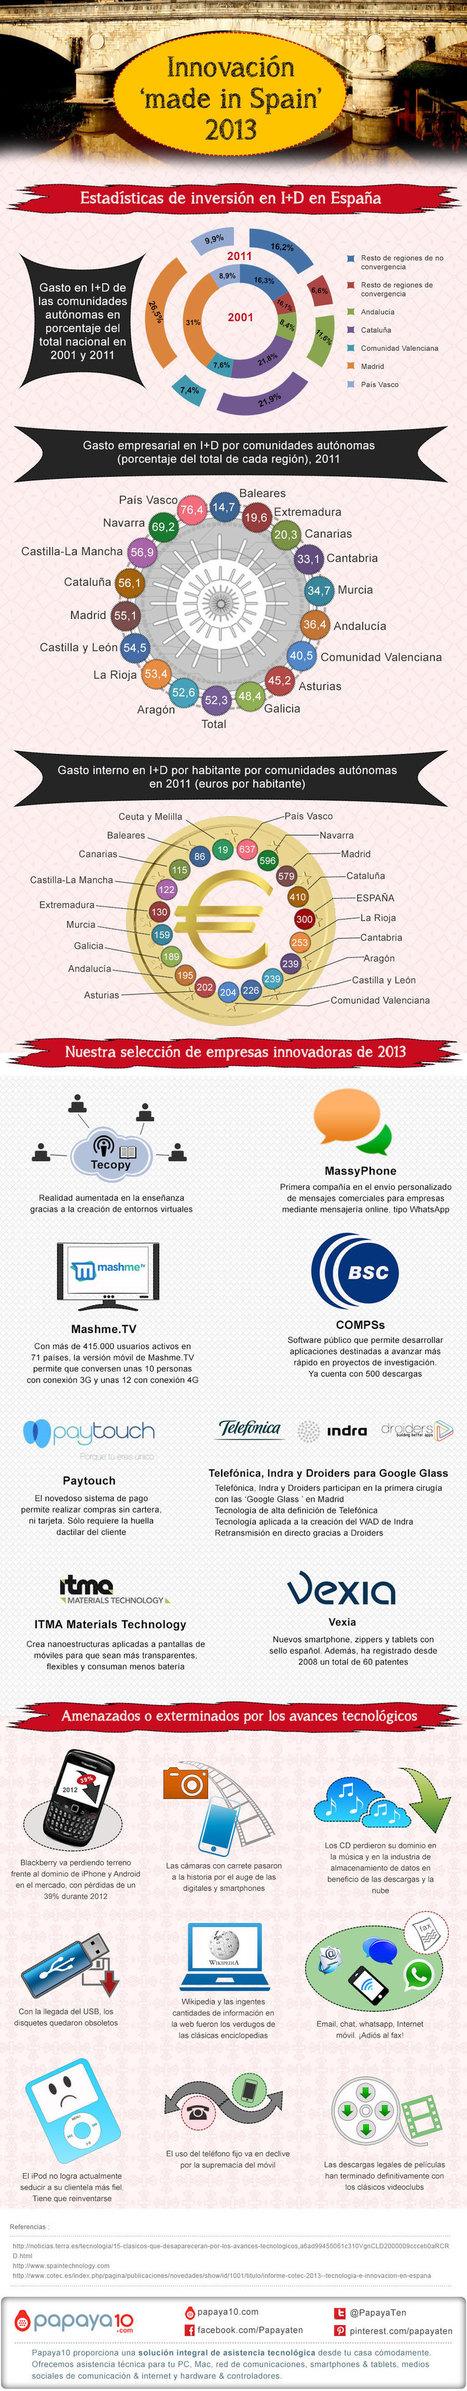 Innovación en España 2013 #infografia #infographic | Economía e Innovación | Scoop.it